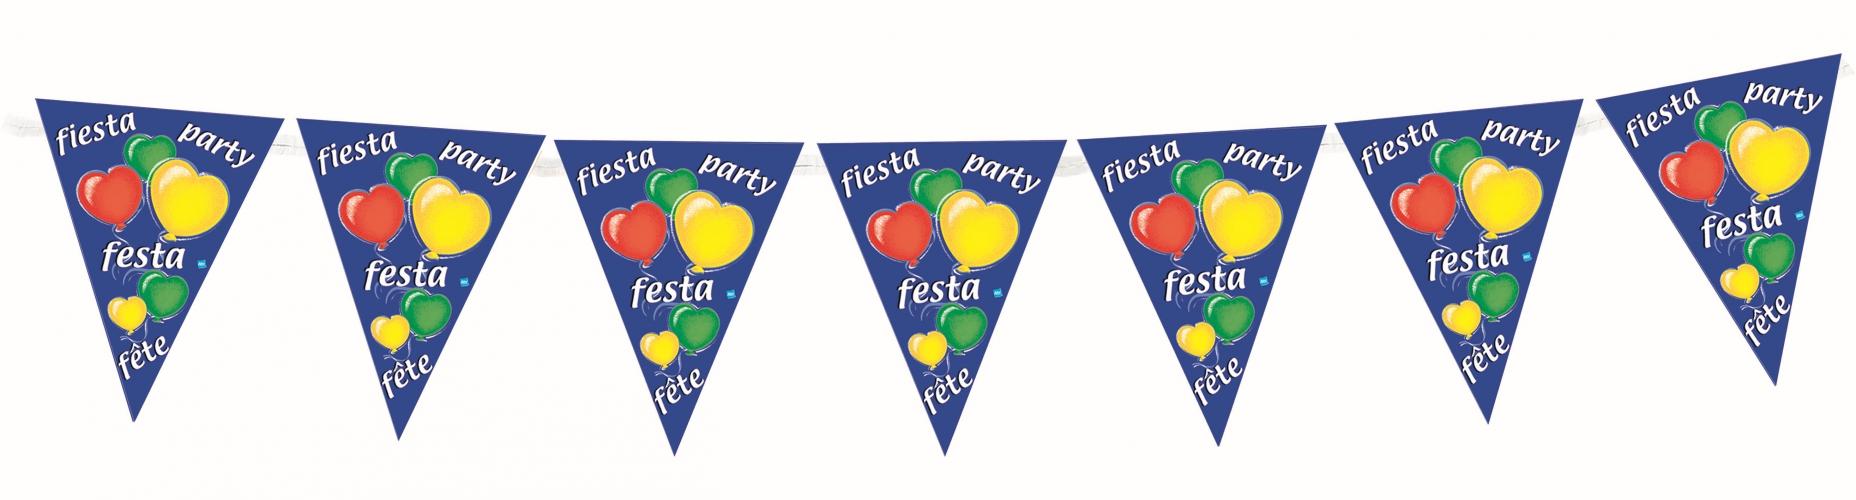 Party feest vlaggenlijn 3 6 meter